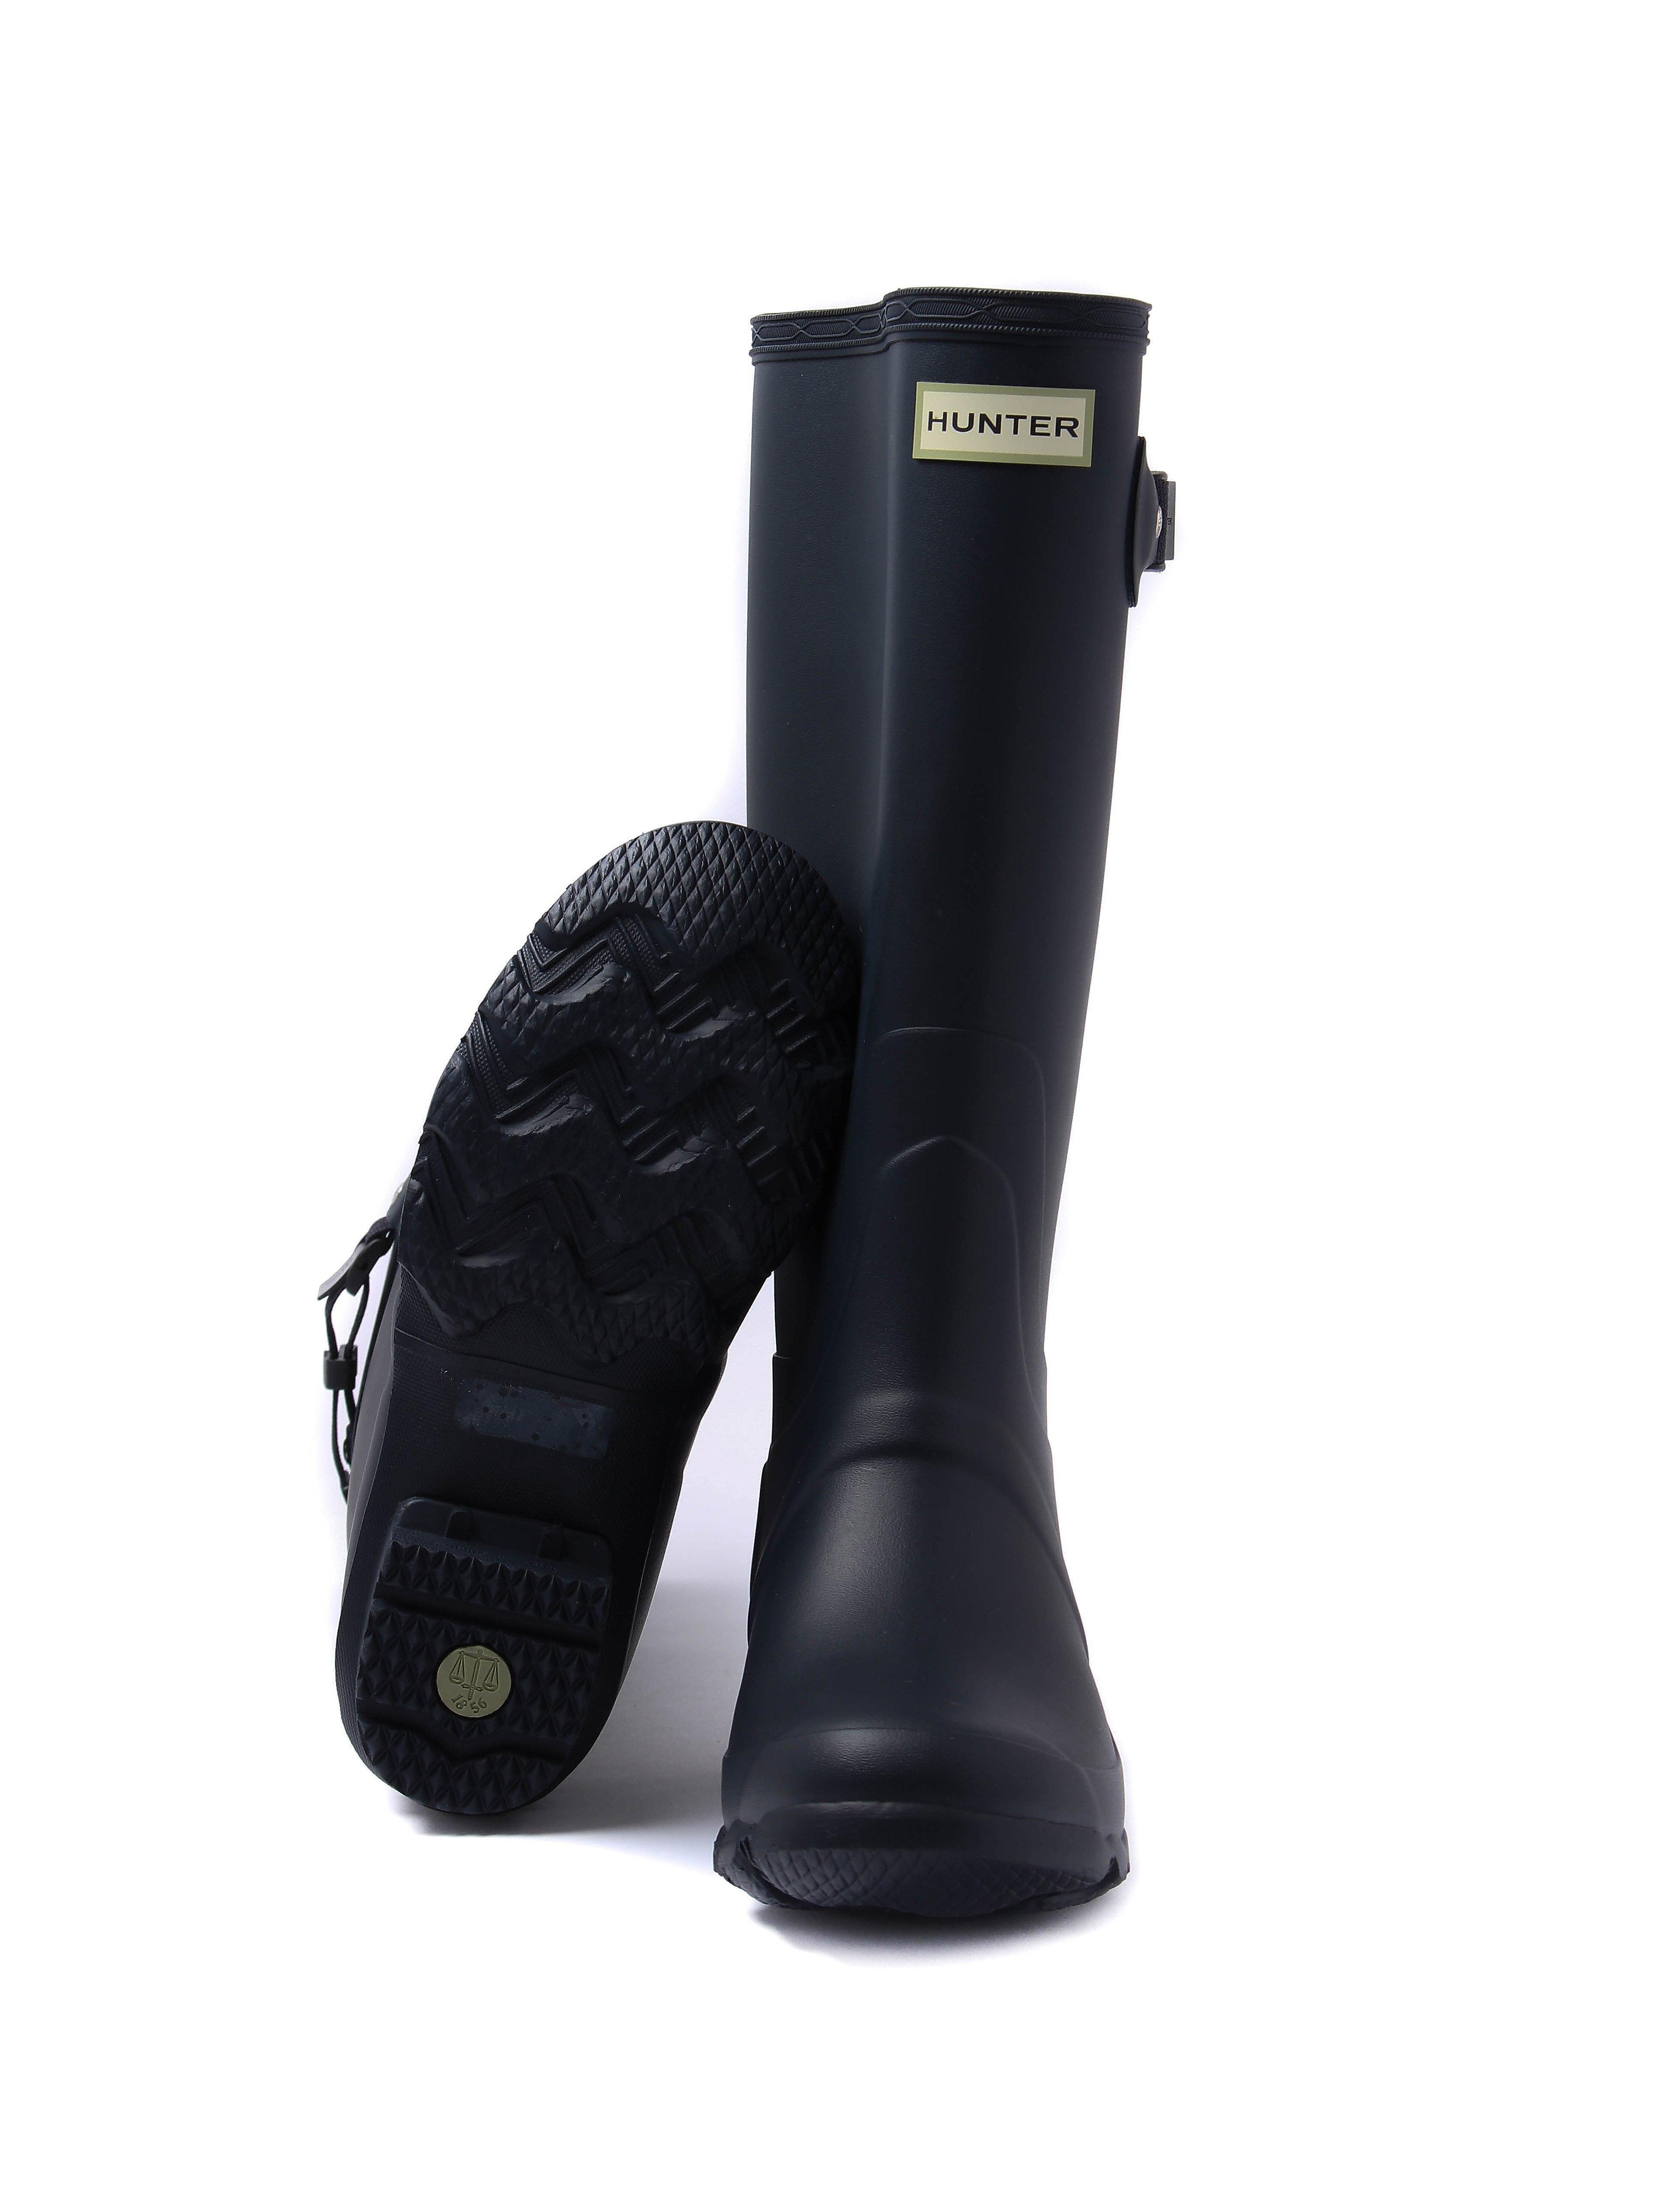 Hunter Wellies Women's Huntress Tall Wellington Boots - Navy